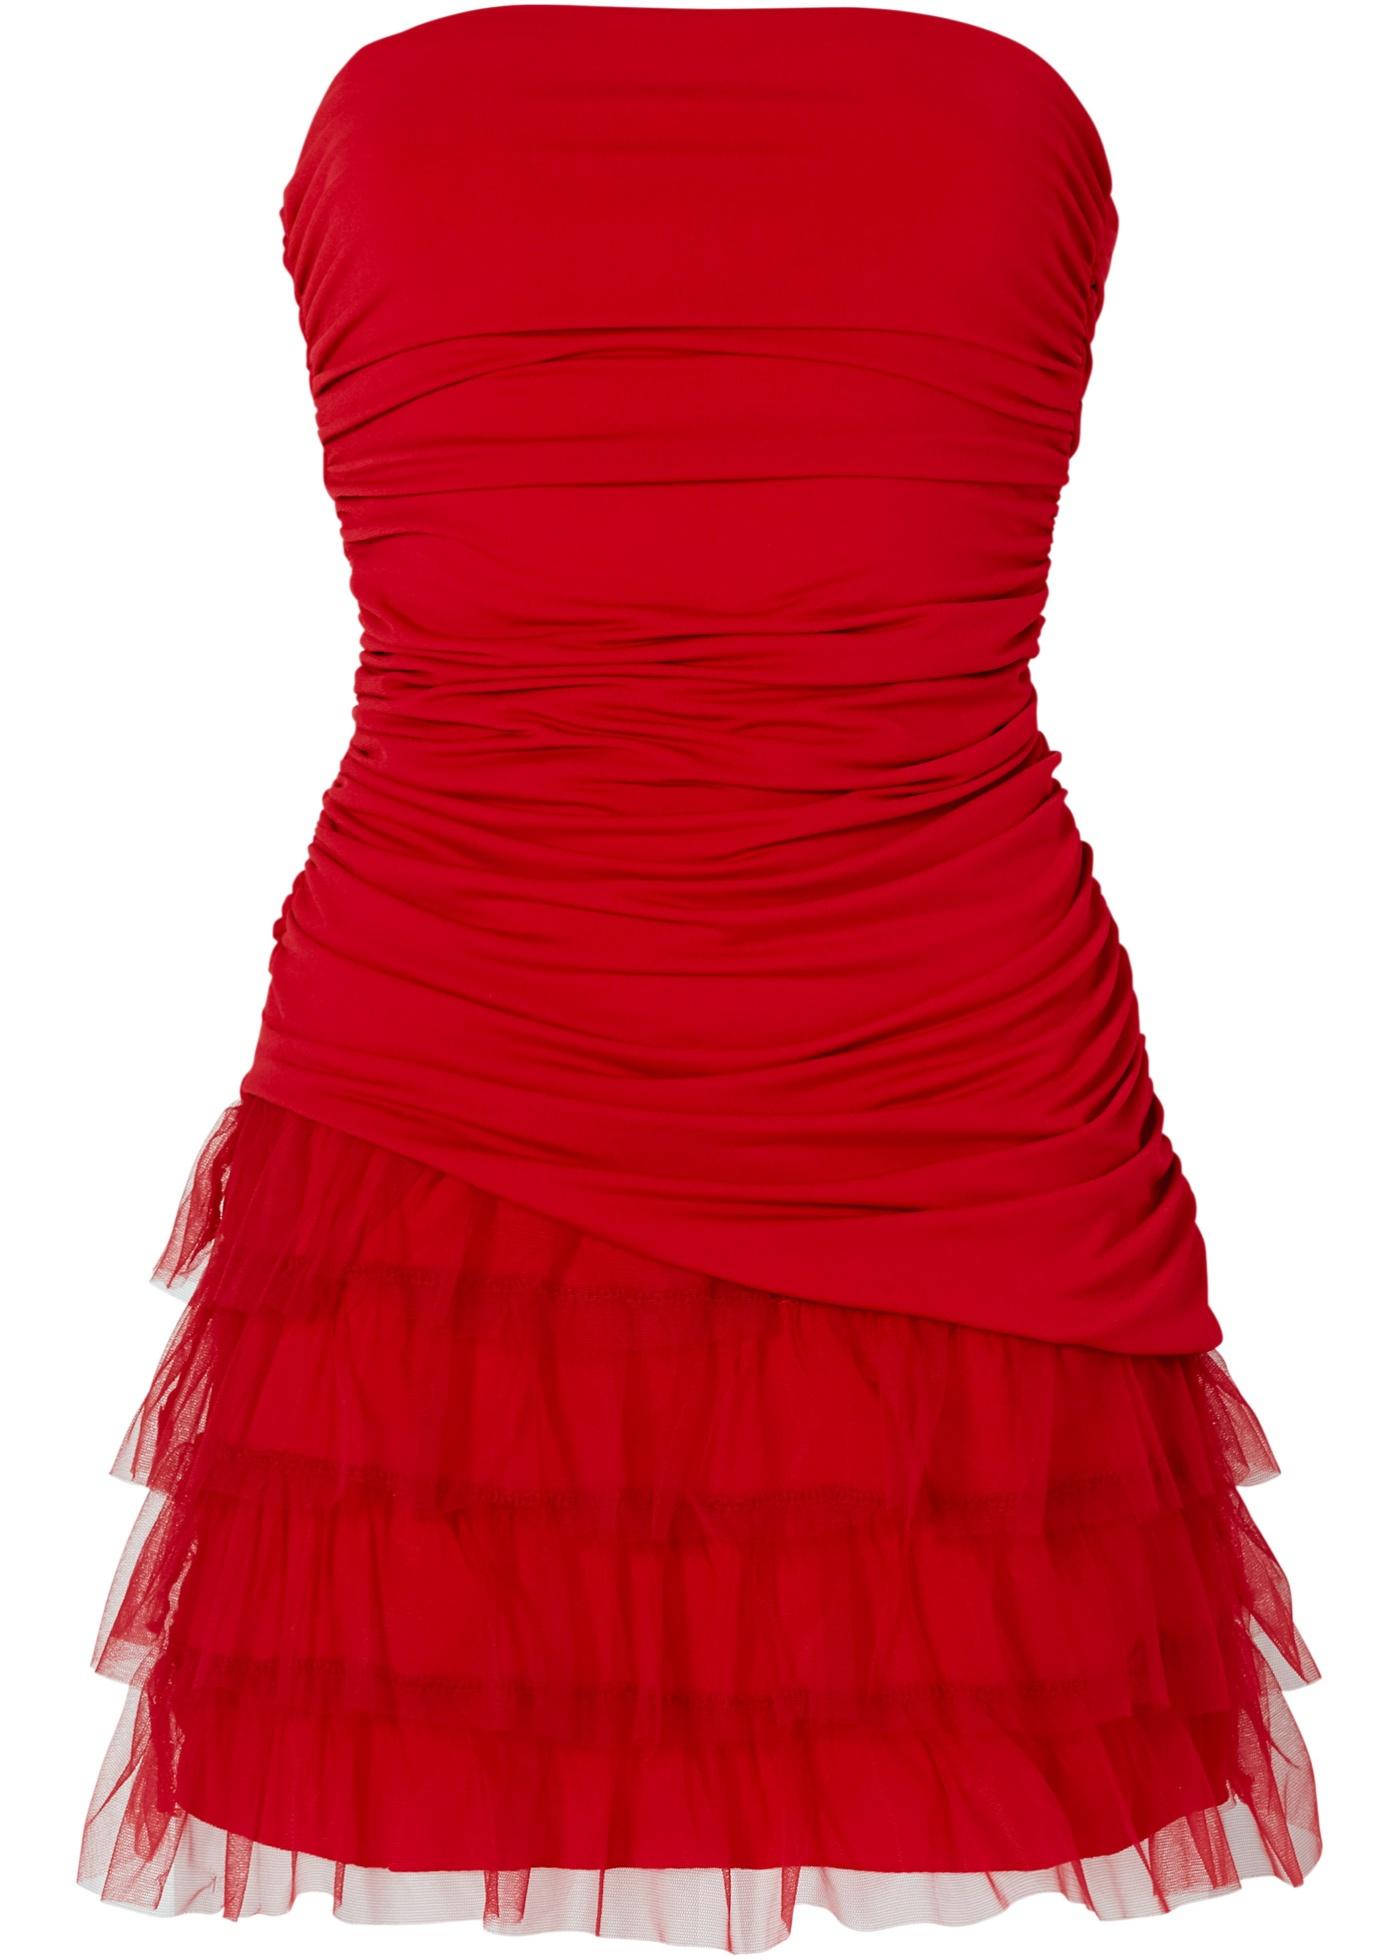 Shirtkleid ohne Ärmel  in rot von bonprix Damenmode > Damenbekleidung > Kleider > Bandeau